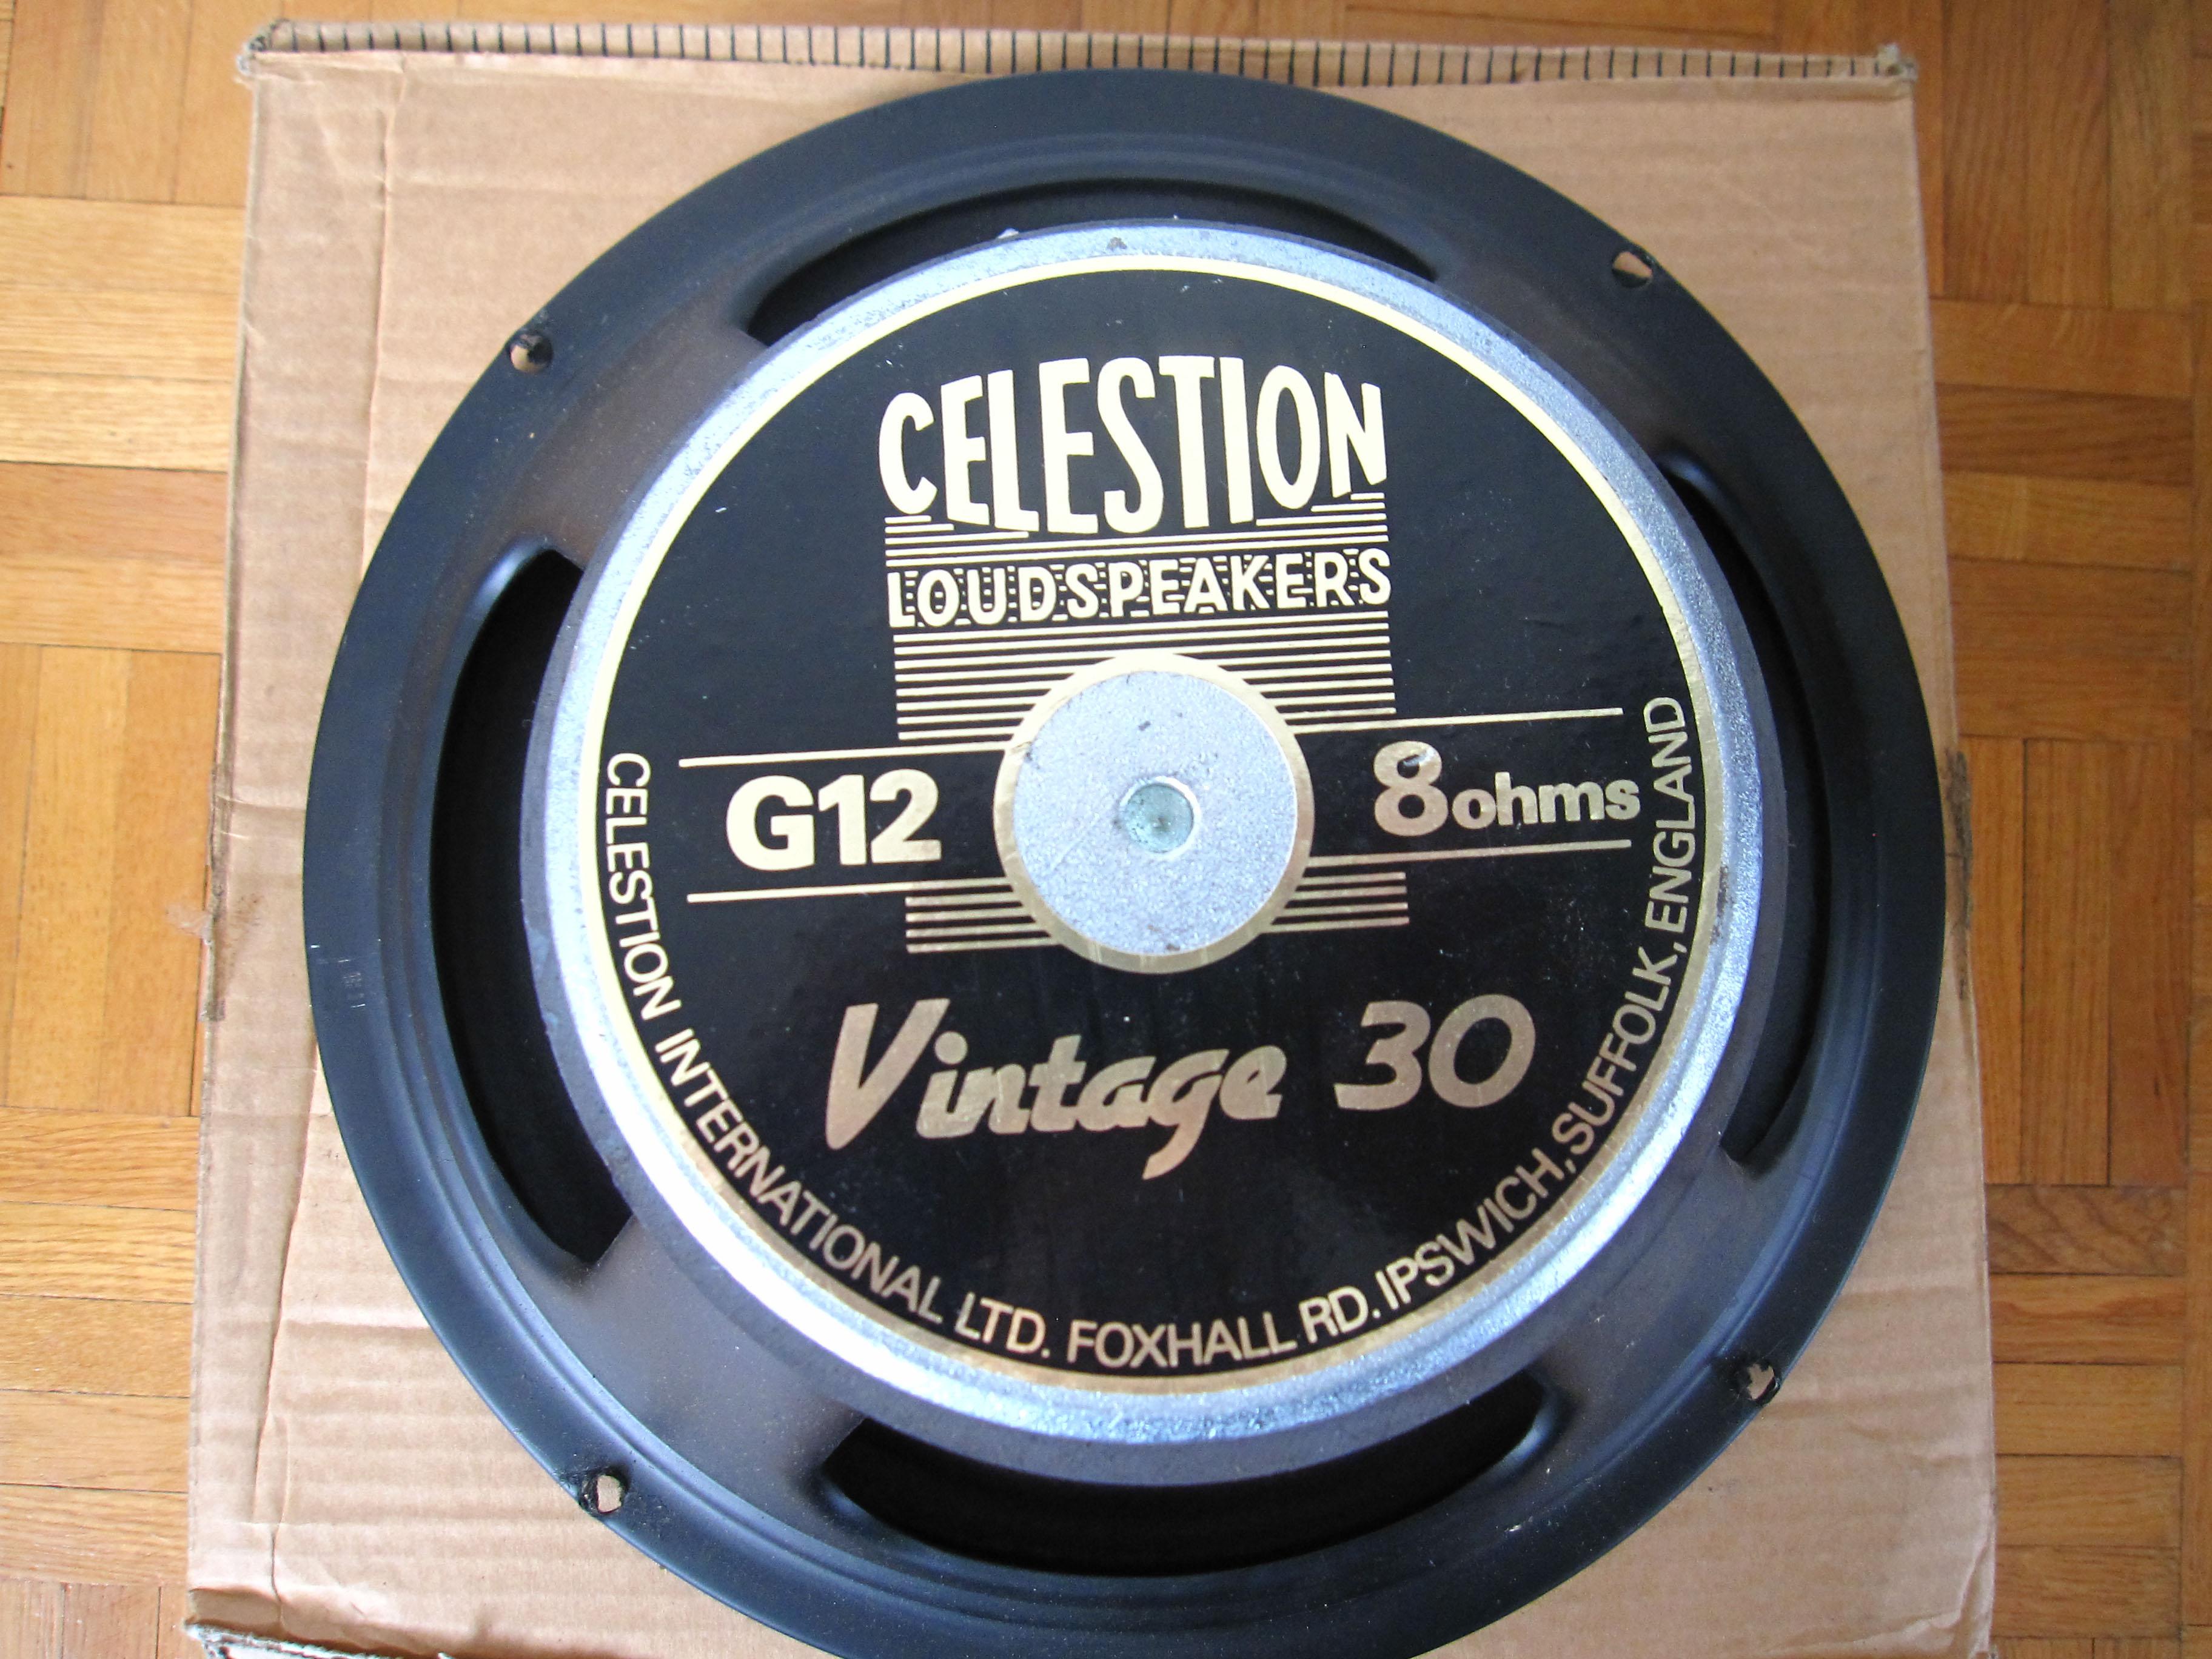 celestion vintage 30 8 ohms image 419797 audiofanzine. Black Bedroom Furniture Sets. Home Design Ideas